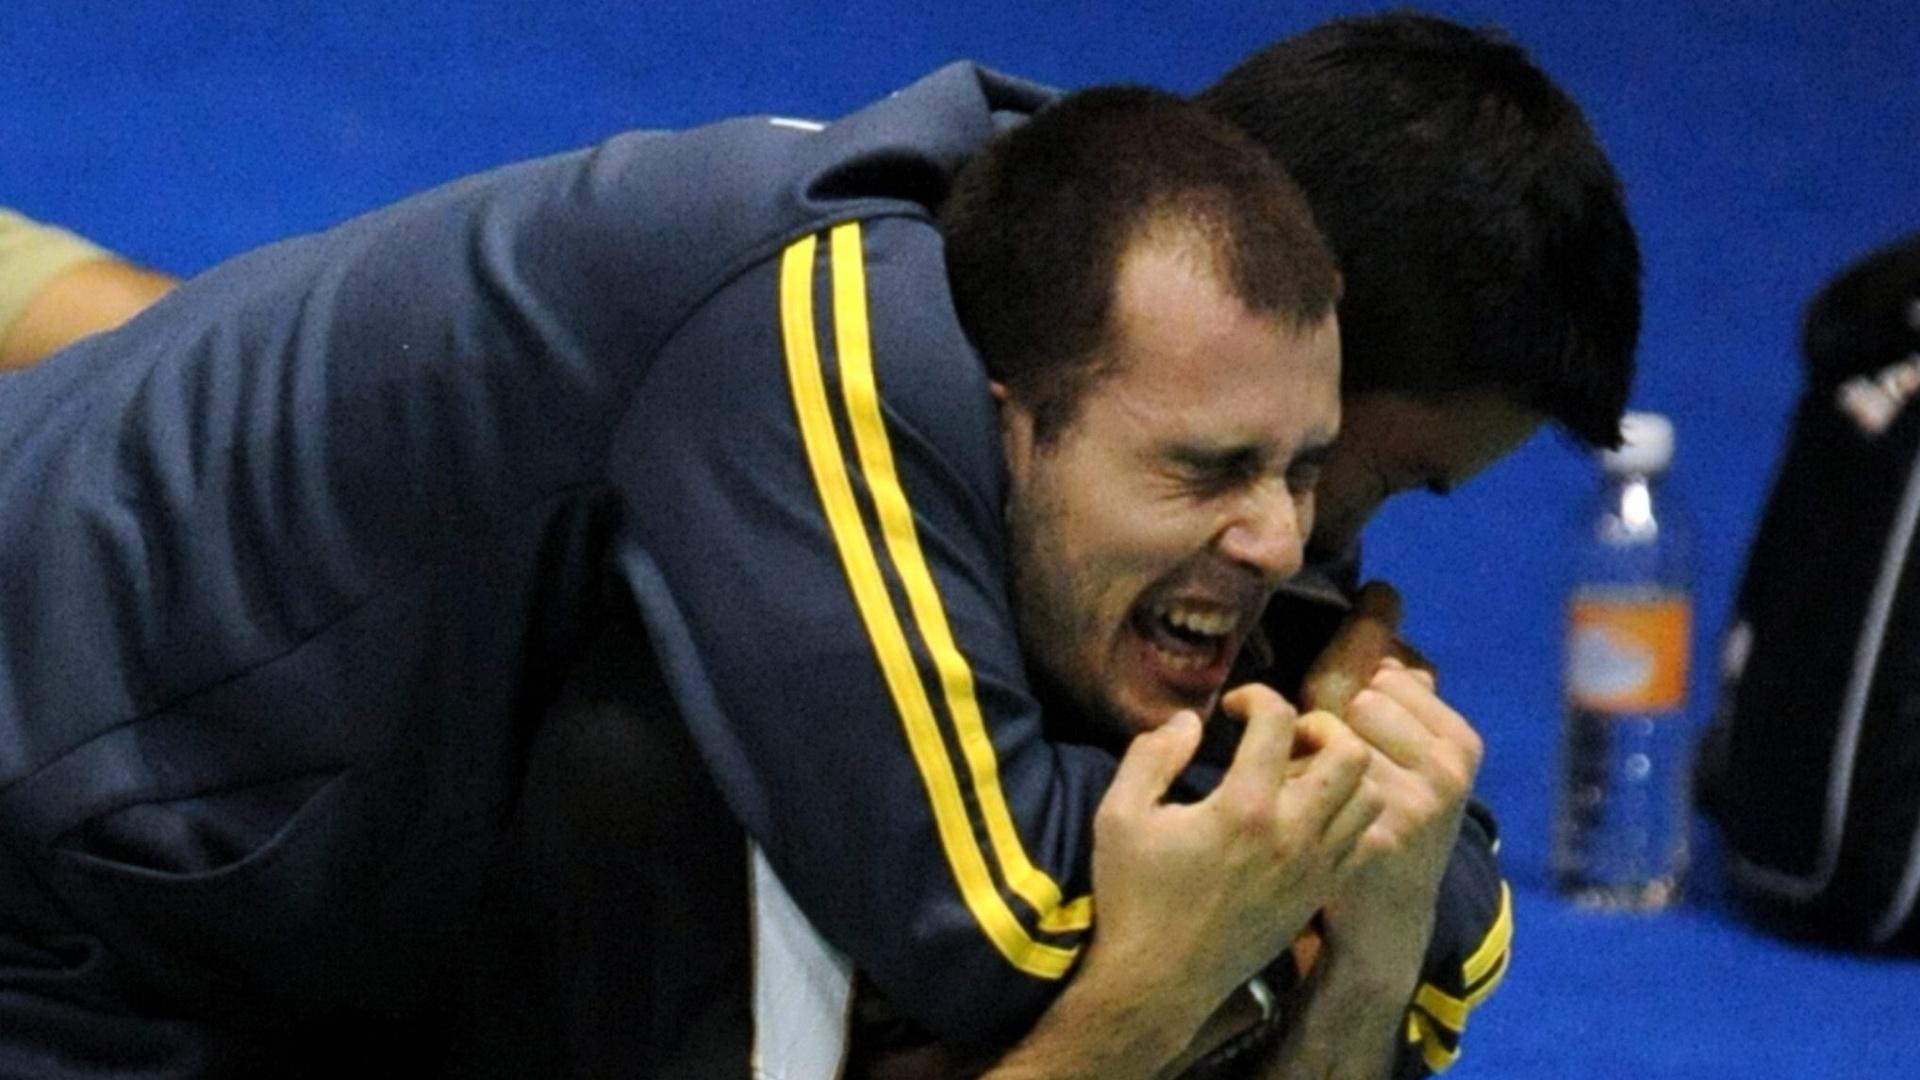 Daniel Paiola vibra muito após a vitória que garantiu ao menos o bronze no badminton (17/10/2011)